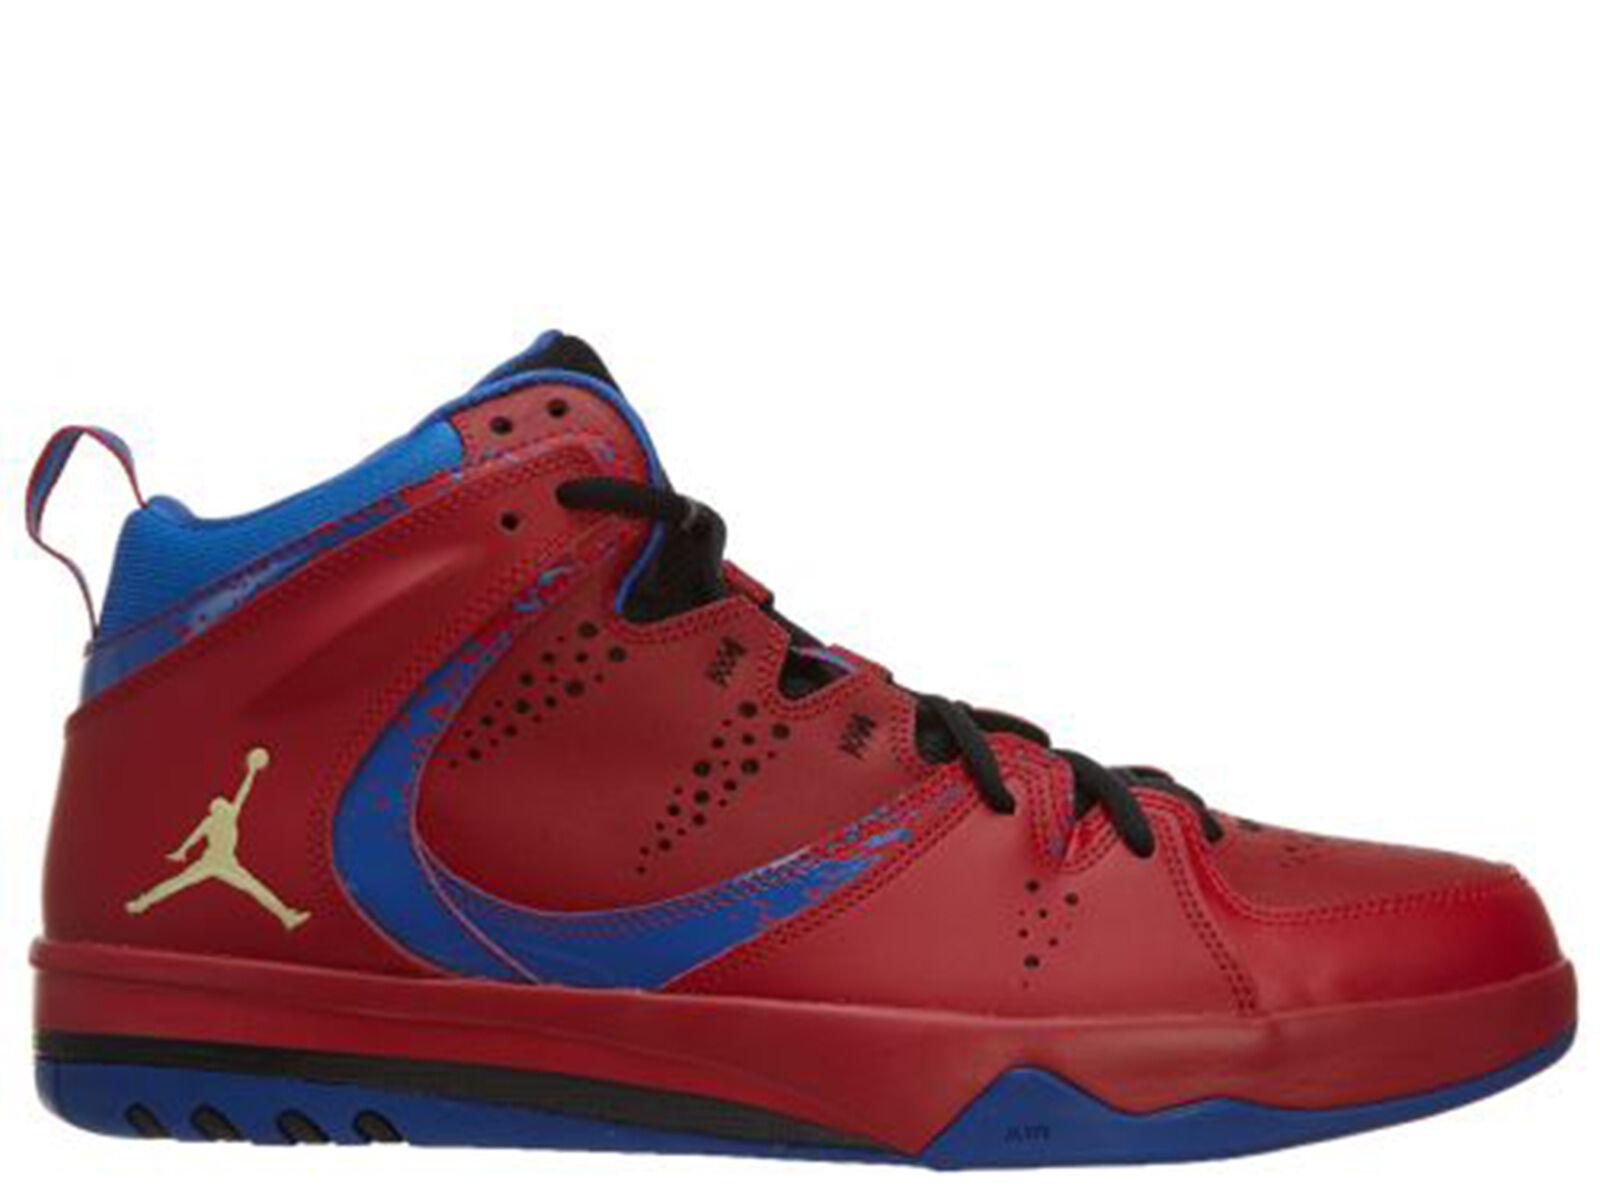 Para hombre de marca nueva Jordan Phase 23 2 Athletic Tenis Tenis Athletic Ropa De Moda 602671 607 [] 0403ad